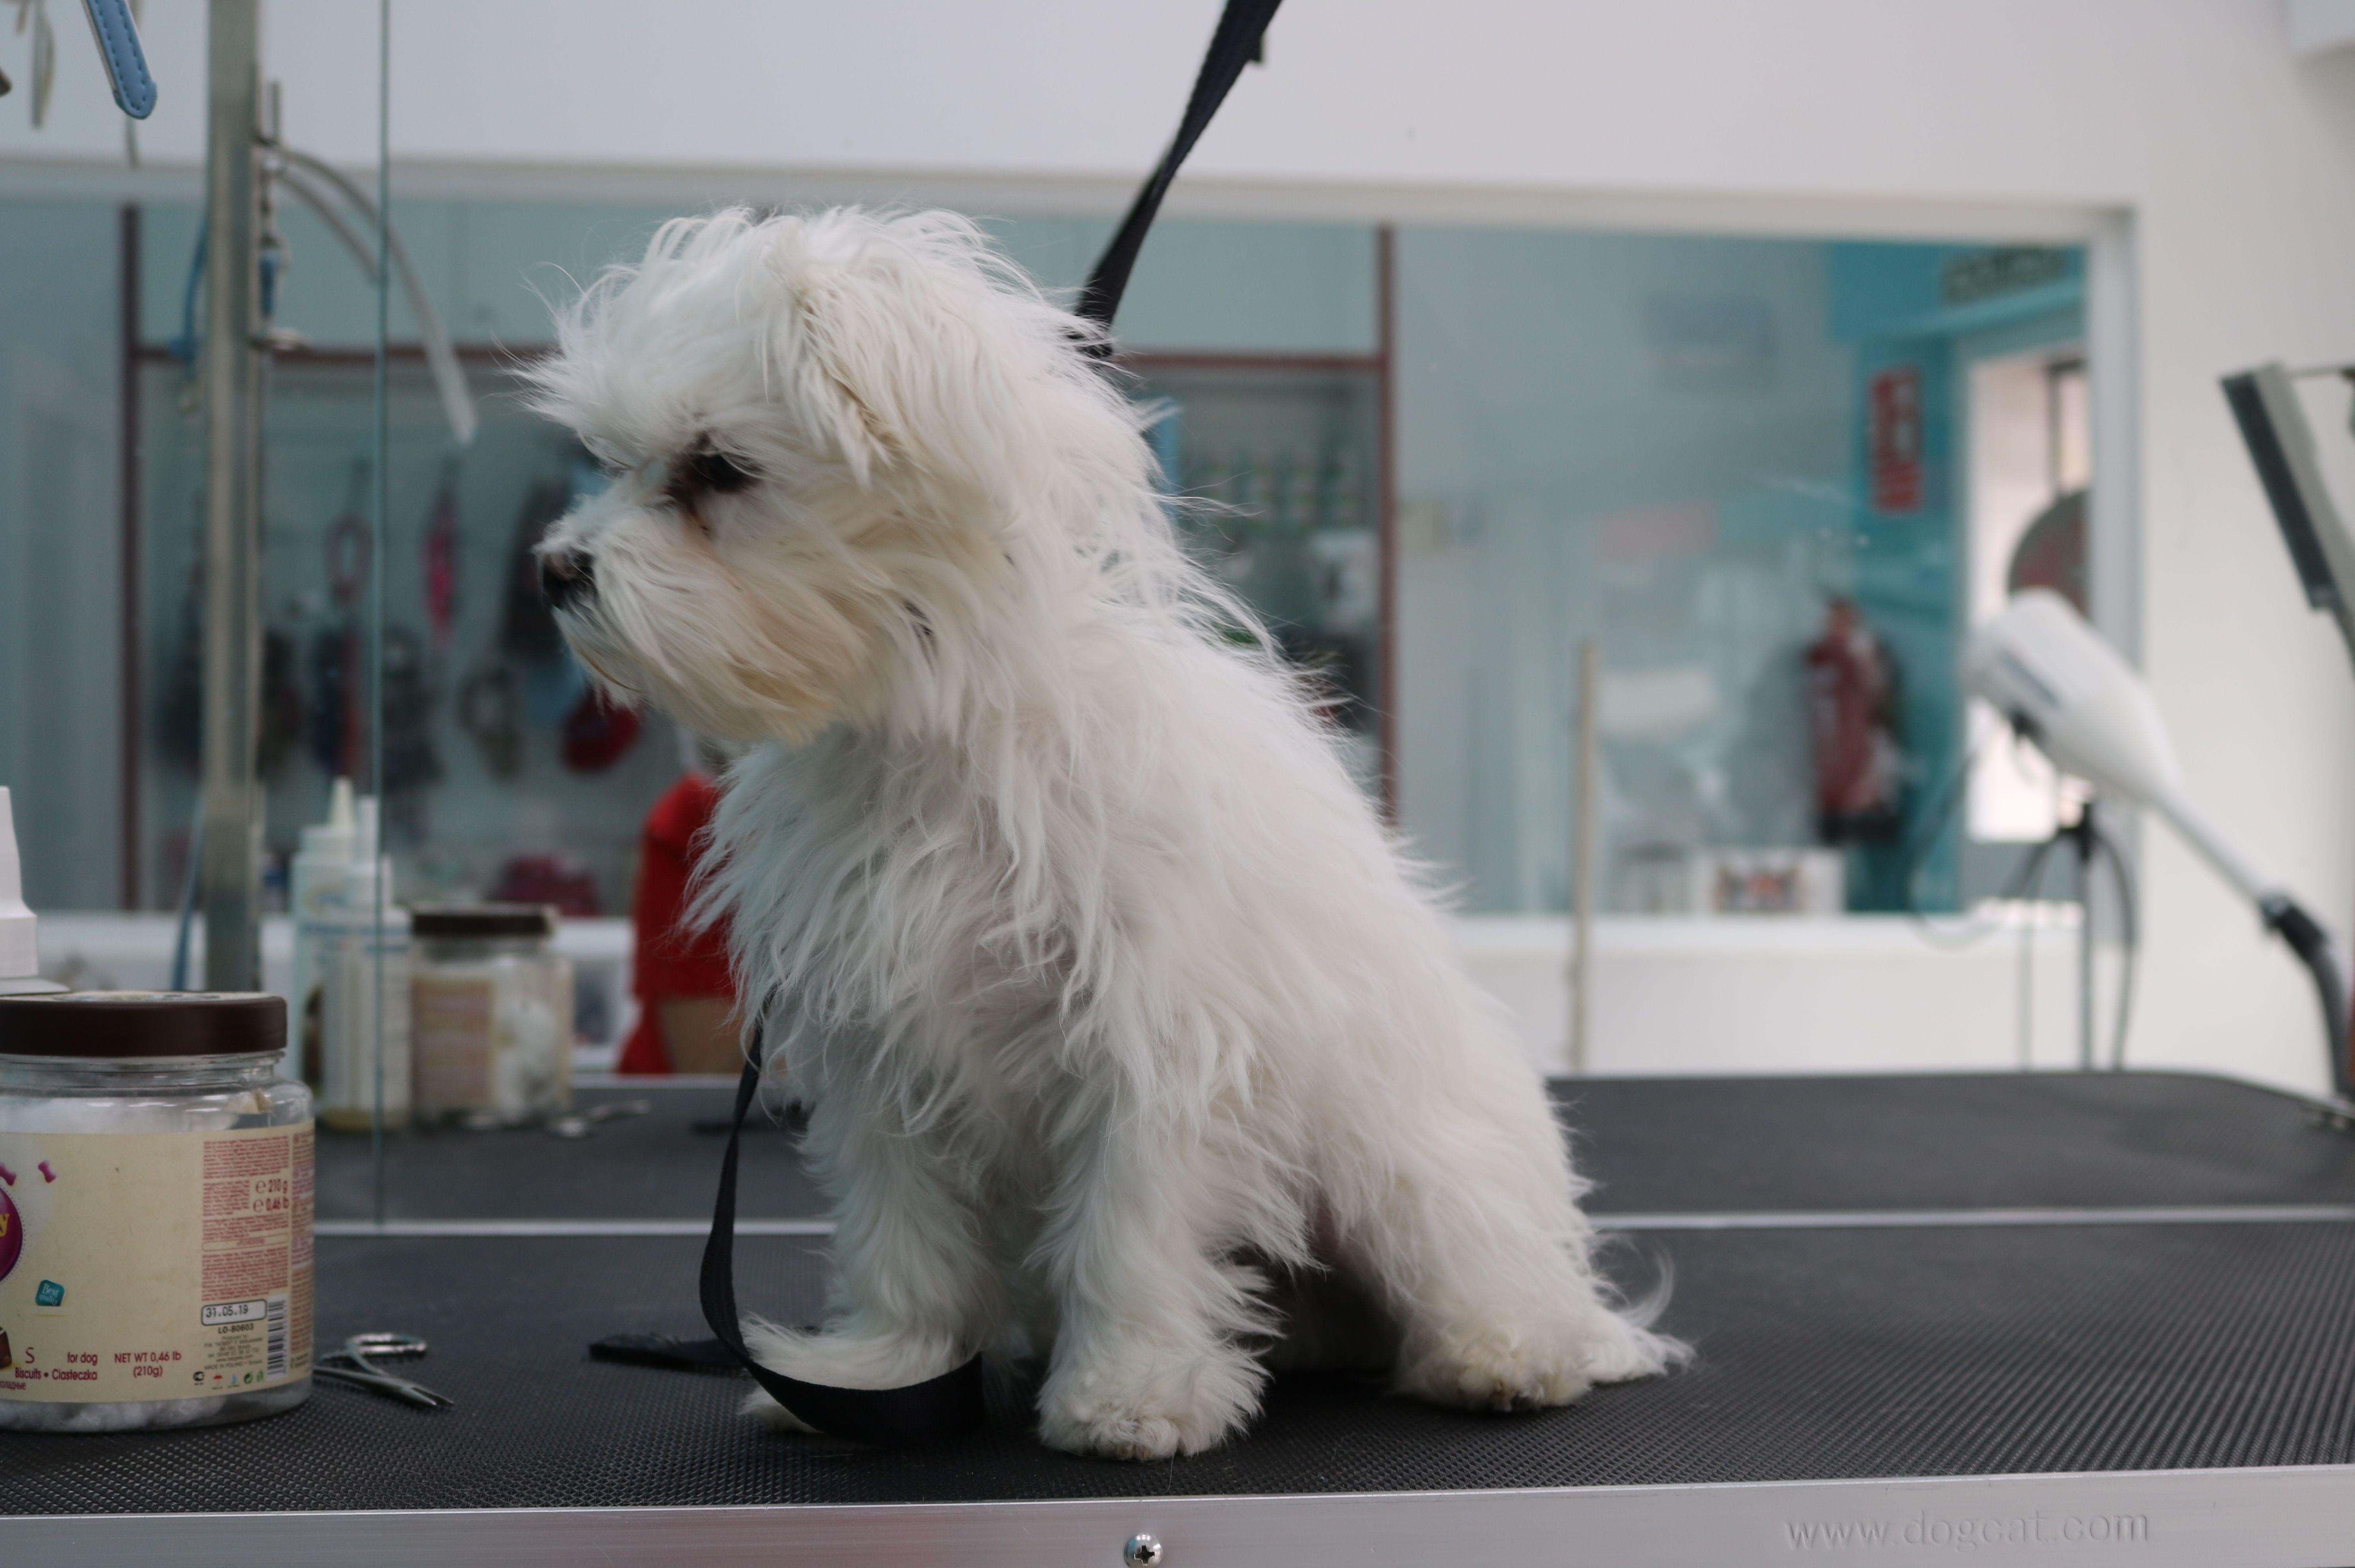 Valentino, en su primera sesión de peluquería es muy importante acostumbrar a nuestras pequeñas mascotas a su sesión de peluquería. Para una mascota que va a la peluquería regularmente para su aseo es un momento de relax para ellos. ¡Reserva tu cita!